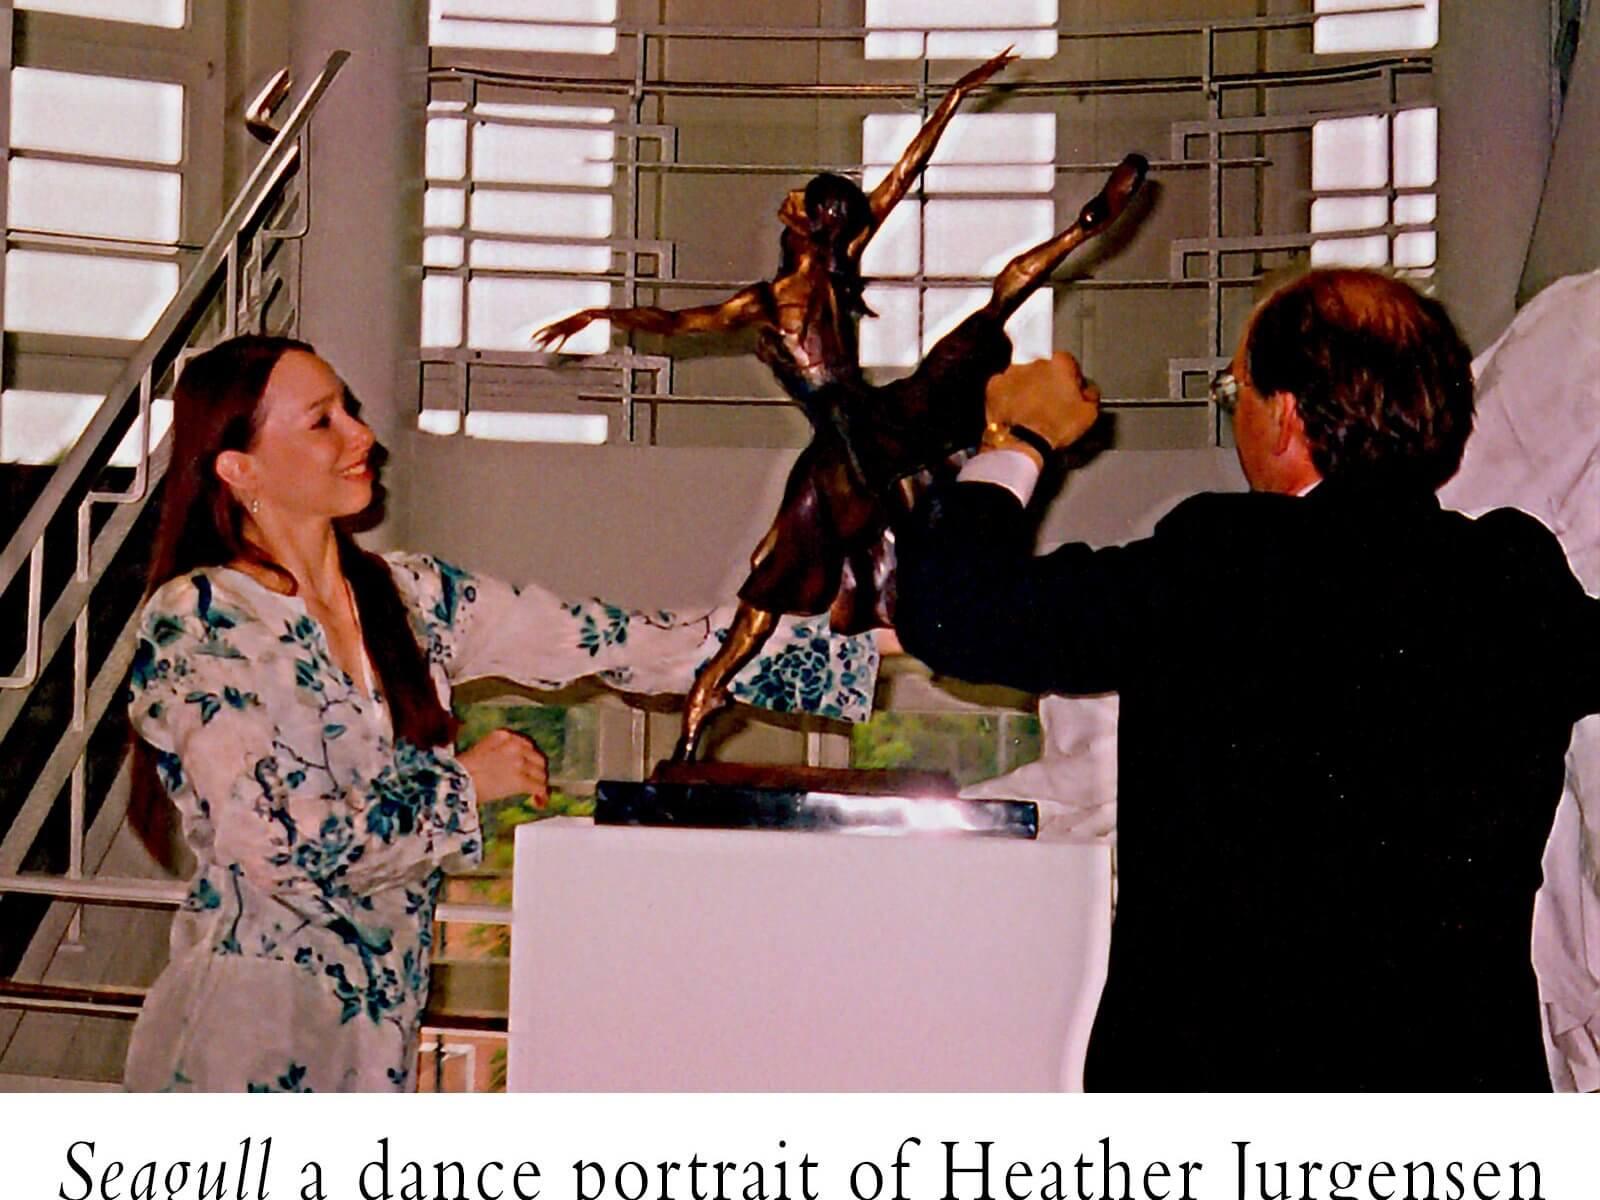 Seagull a bronze female dance bronze sculpture, portrait of Heather Jurgensen by Andrew DeVries installed at the Hamburg Ballet Center, Hamburg, Germany